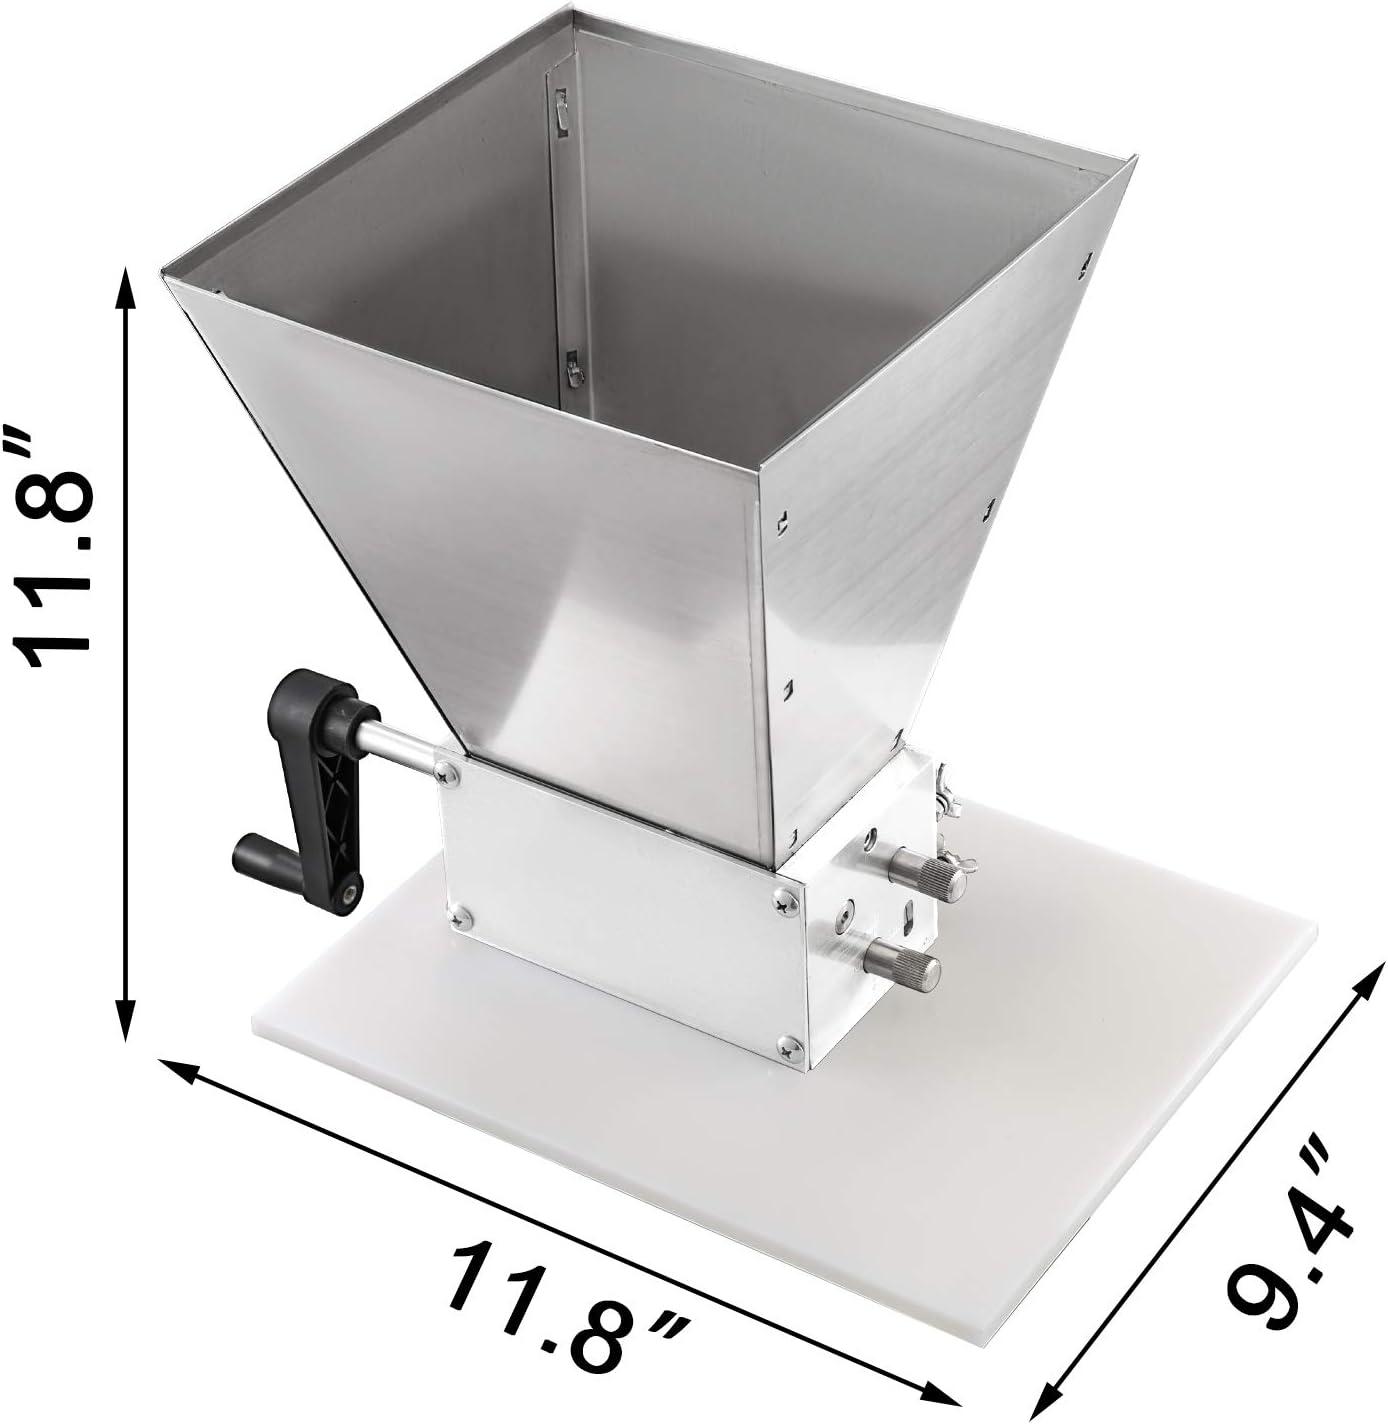 Tofree broyage Machine Hand-Crank Rouleau Machine /à caf/é Moulin /à c/ér/éales en Bois Manuel Moulin /à caf/é /à la Main Moulin /à caf/é